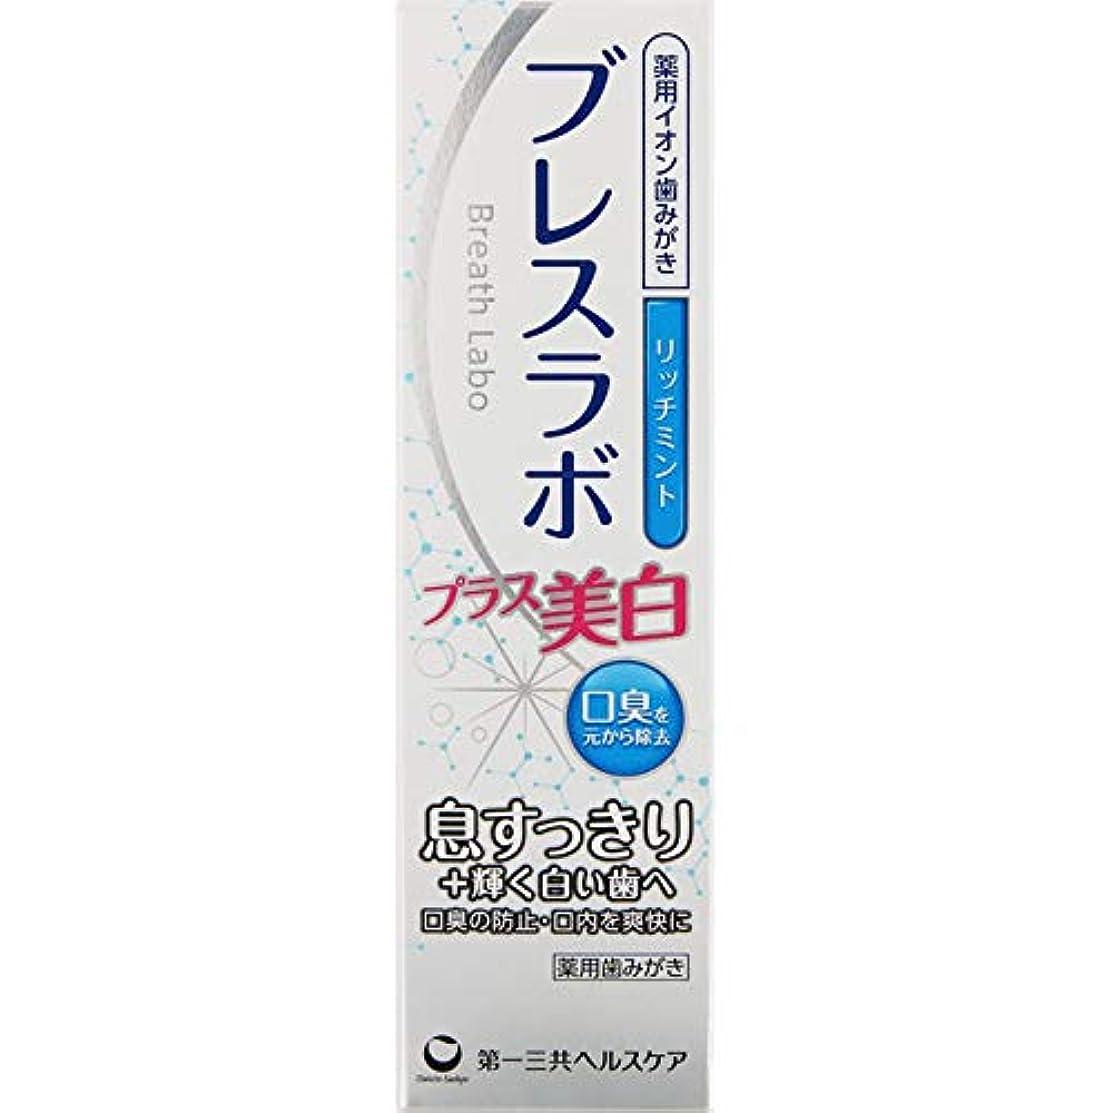 中でドナースロー【2個セット】ブレスラボ プラス美白 リッチミント 90g